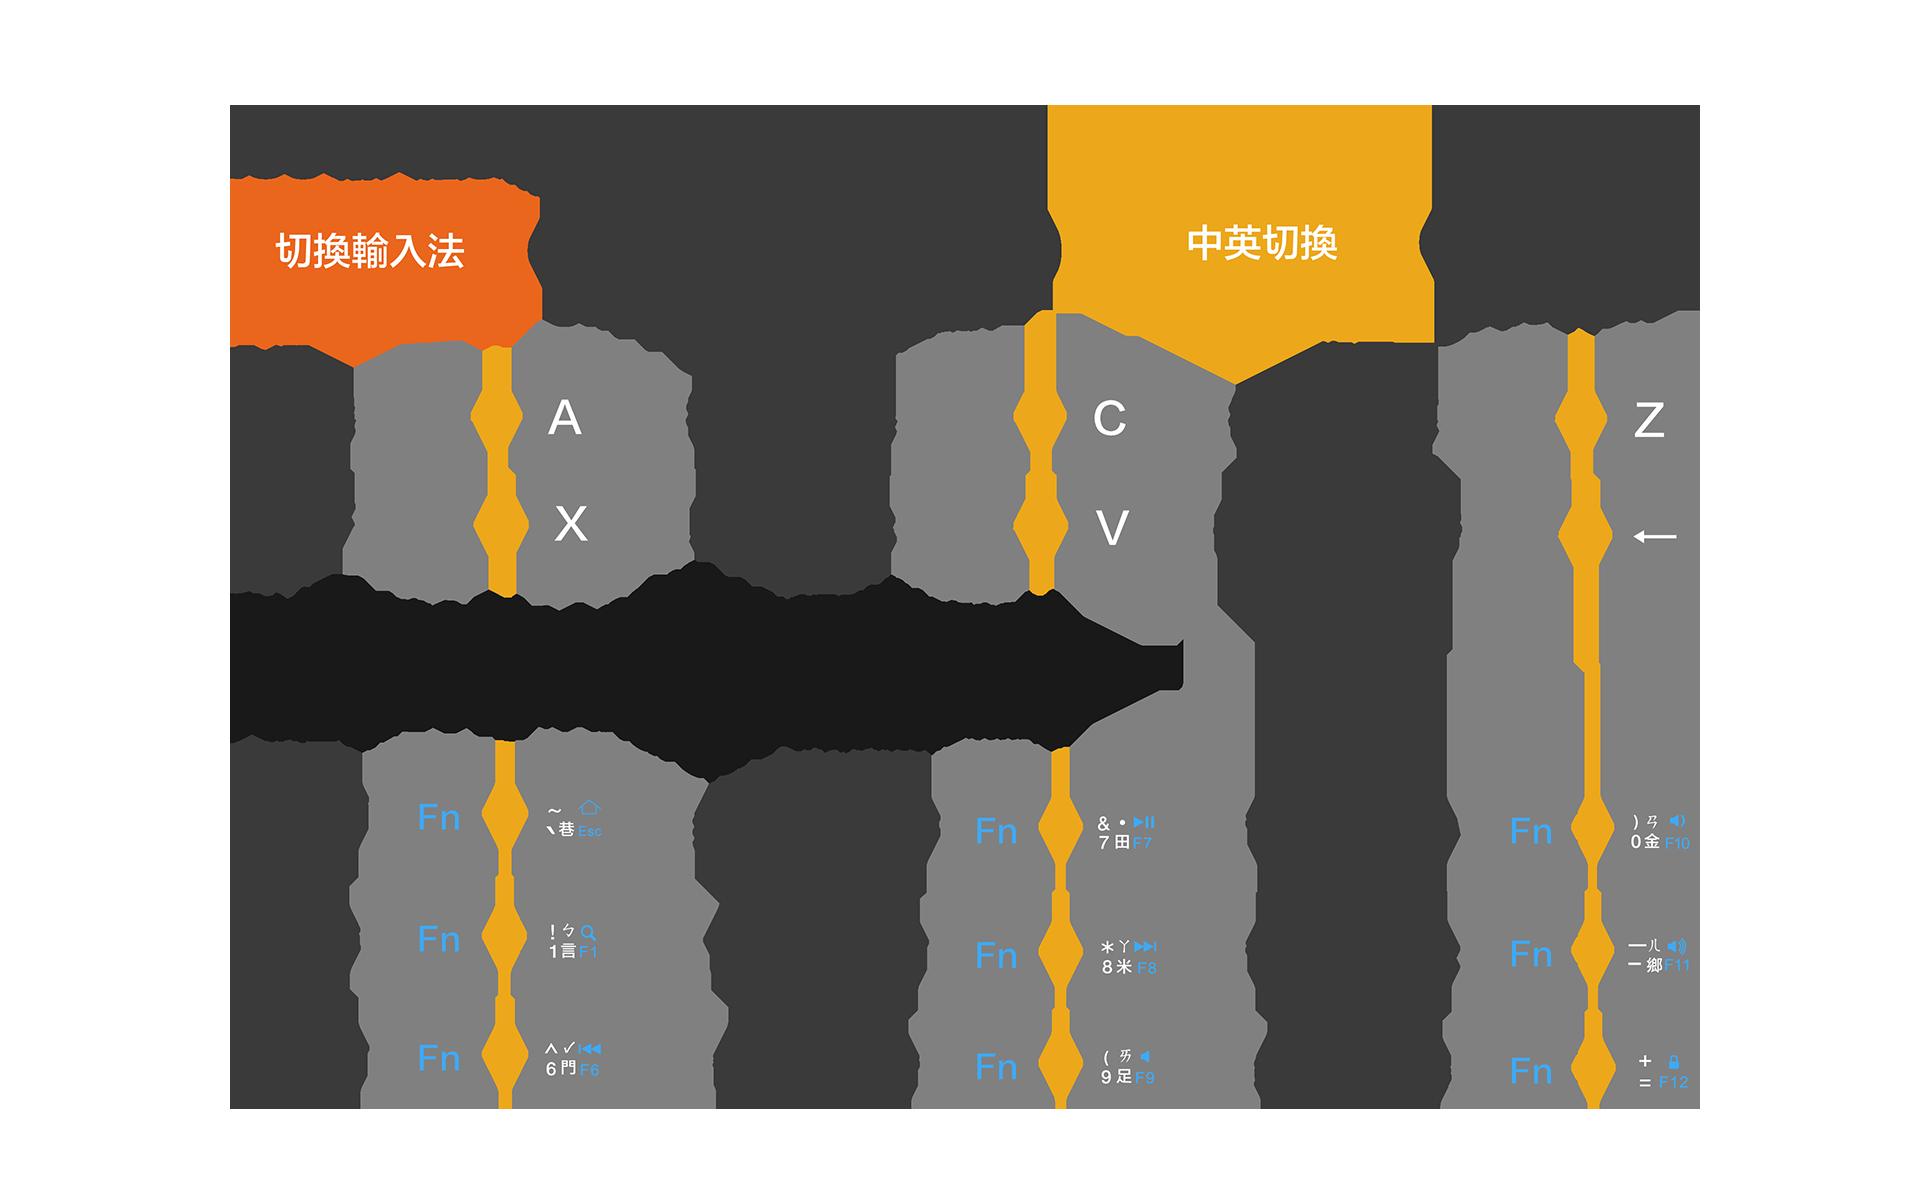 IOS輸入法和熱鍵